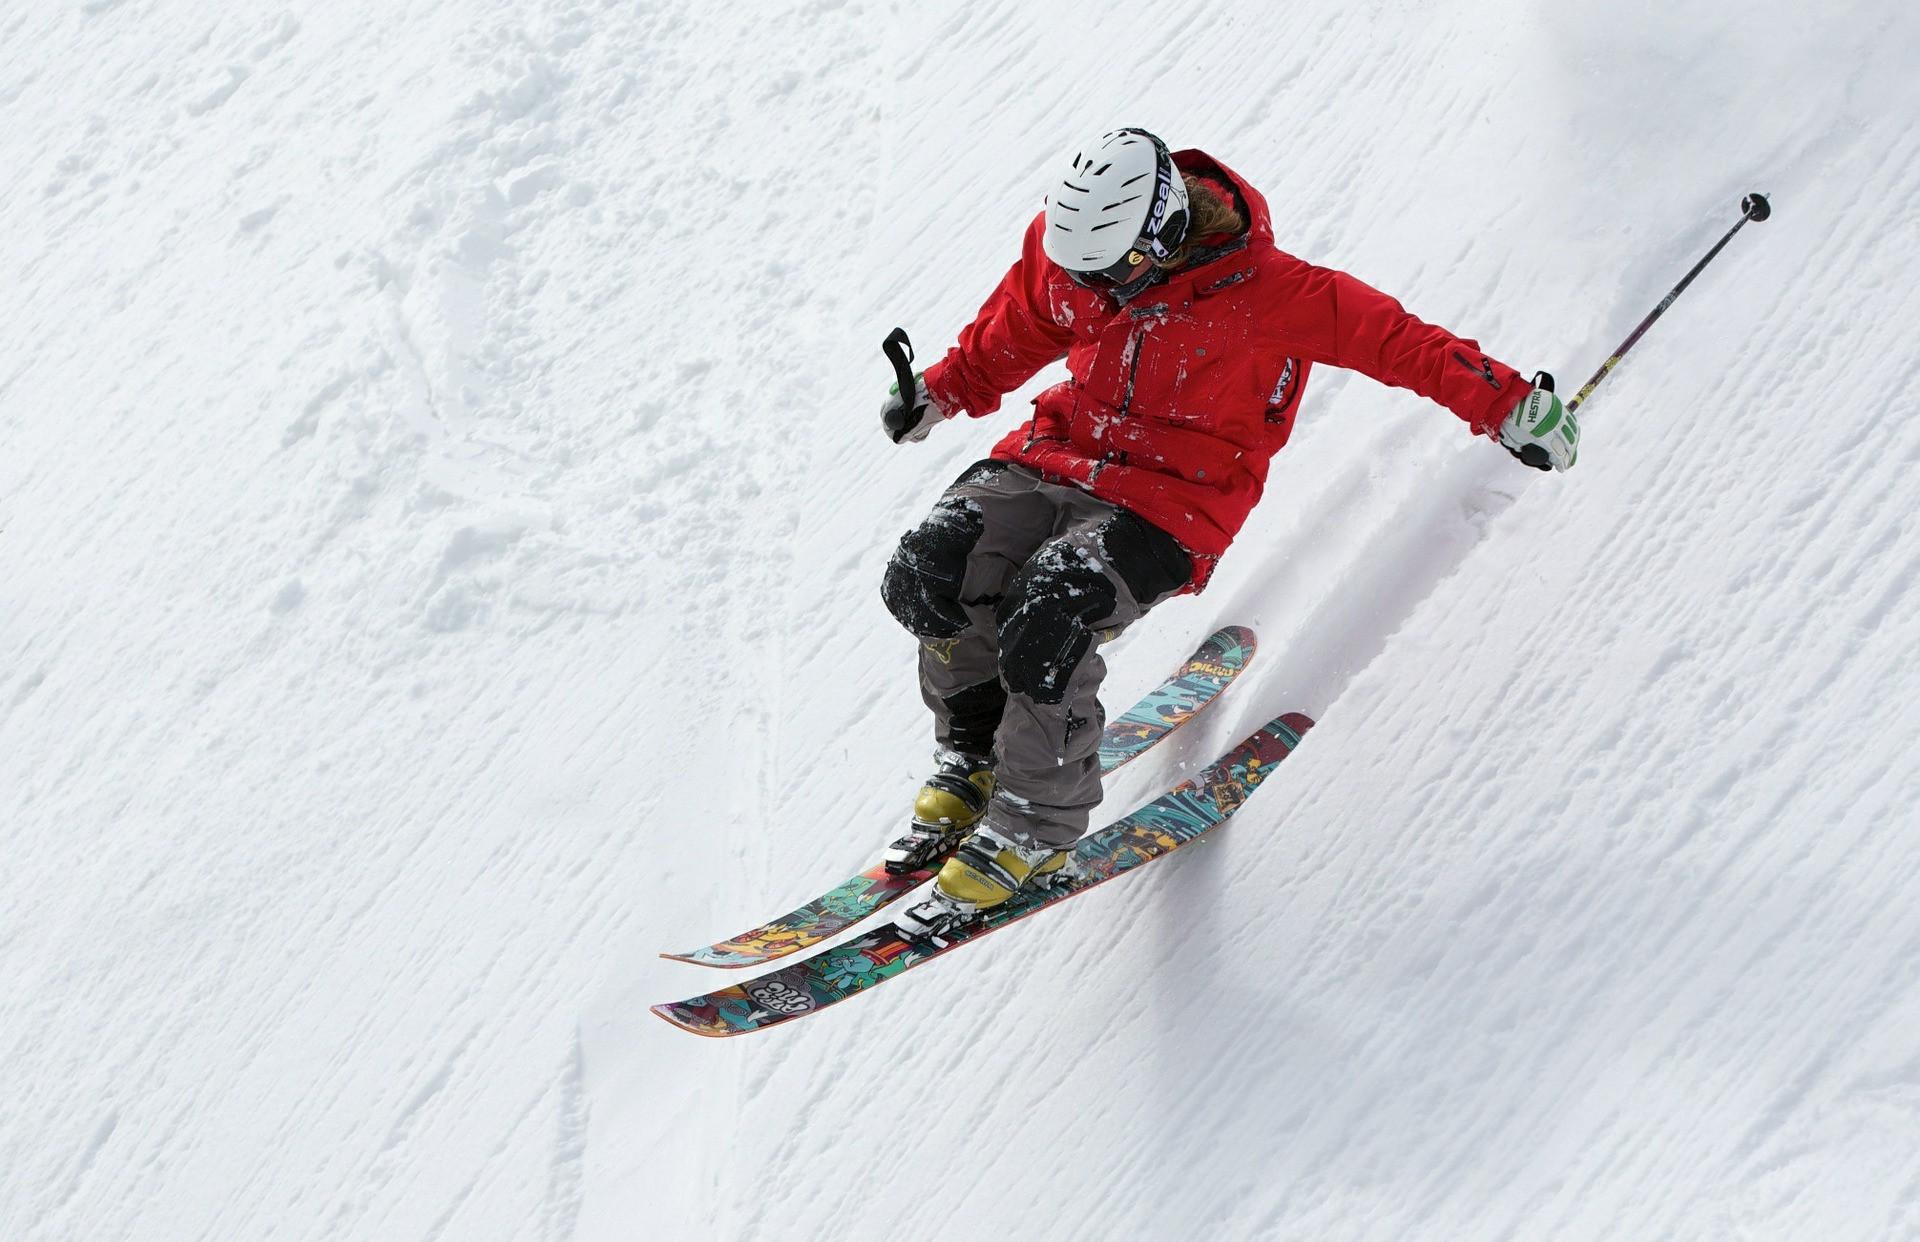 Conseil de Bastien : Comment organiser un weekend au ski